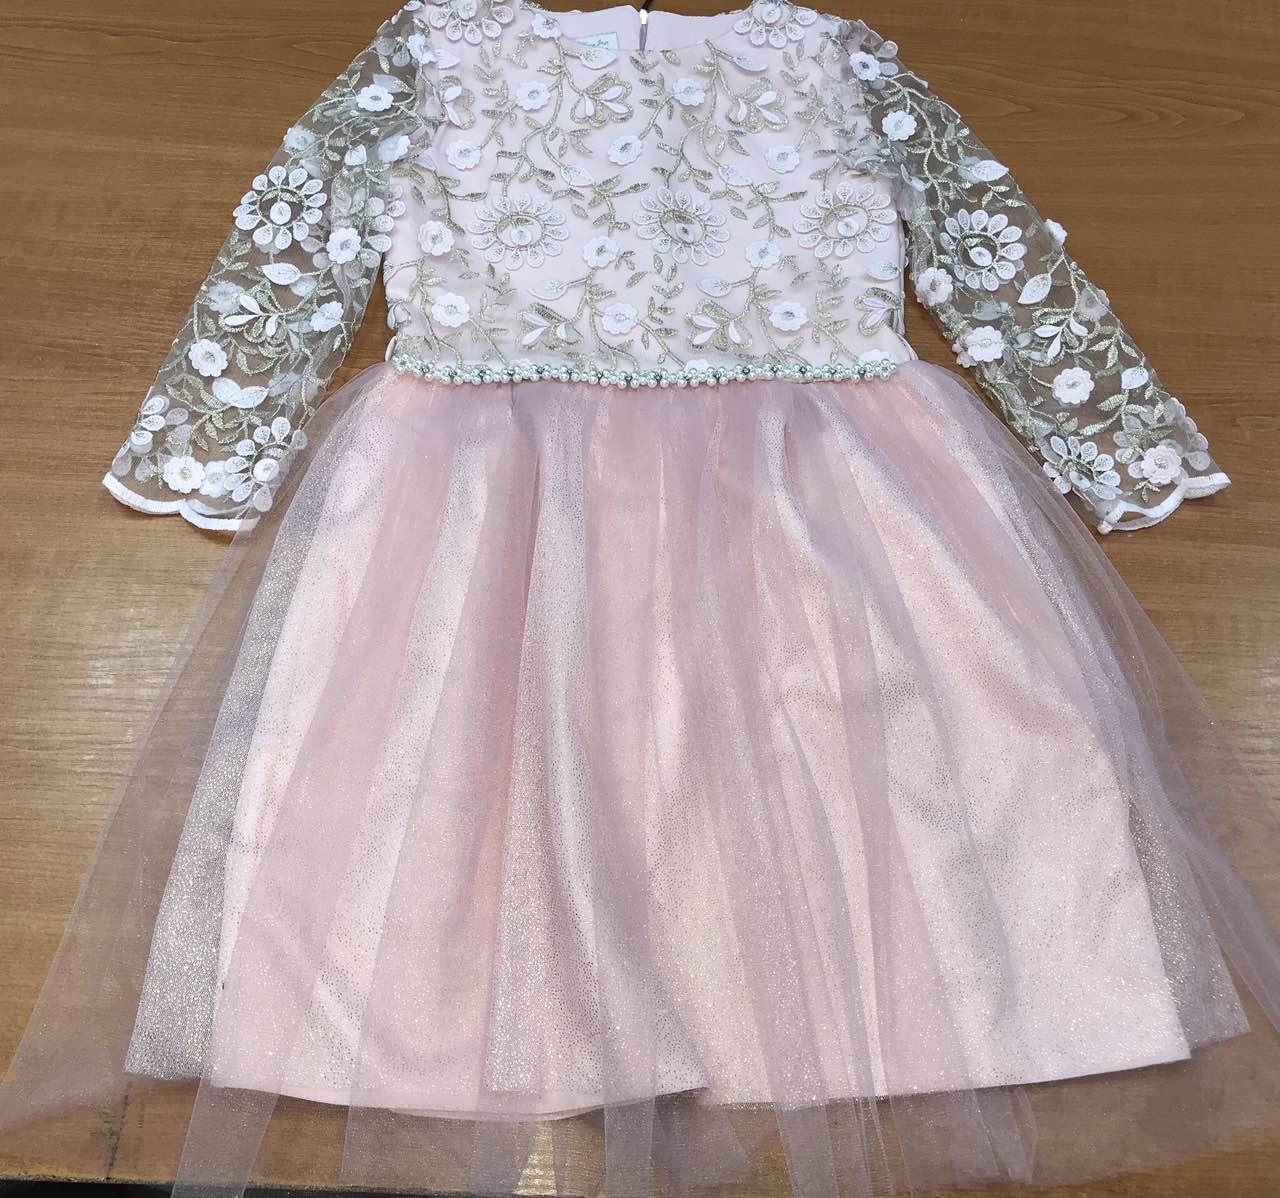 b899477a99d Платье детское нарядное гипюровое с фатиновой юбкойдля девочки-подростка.только  опт